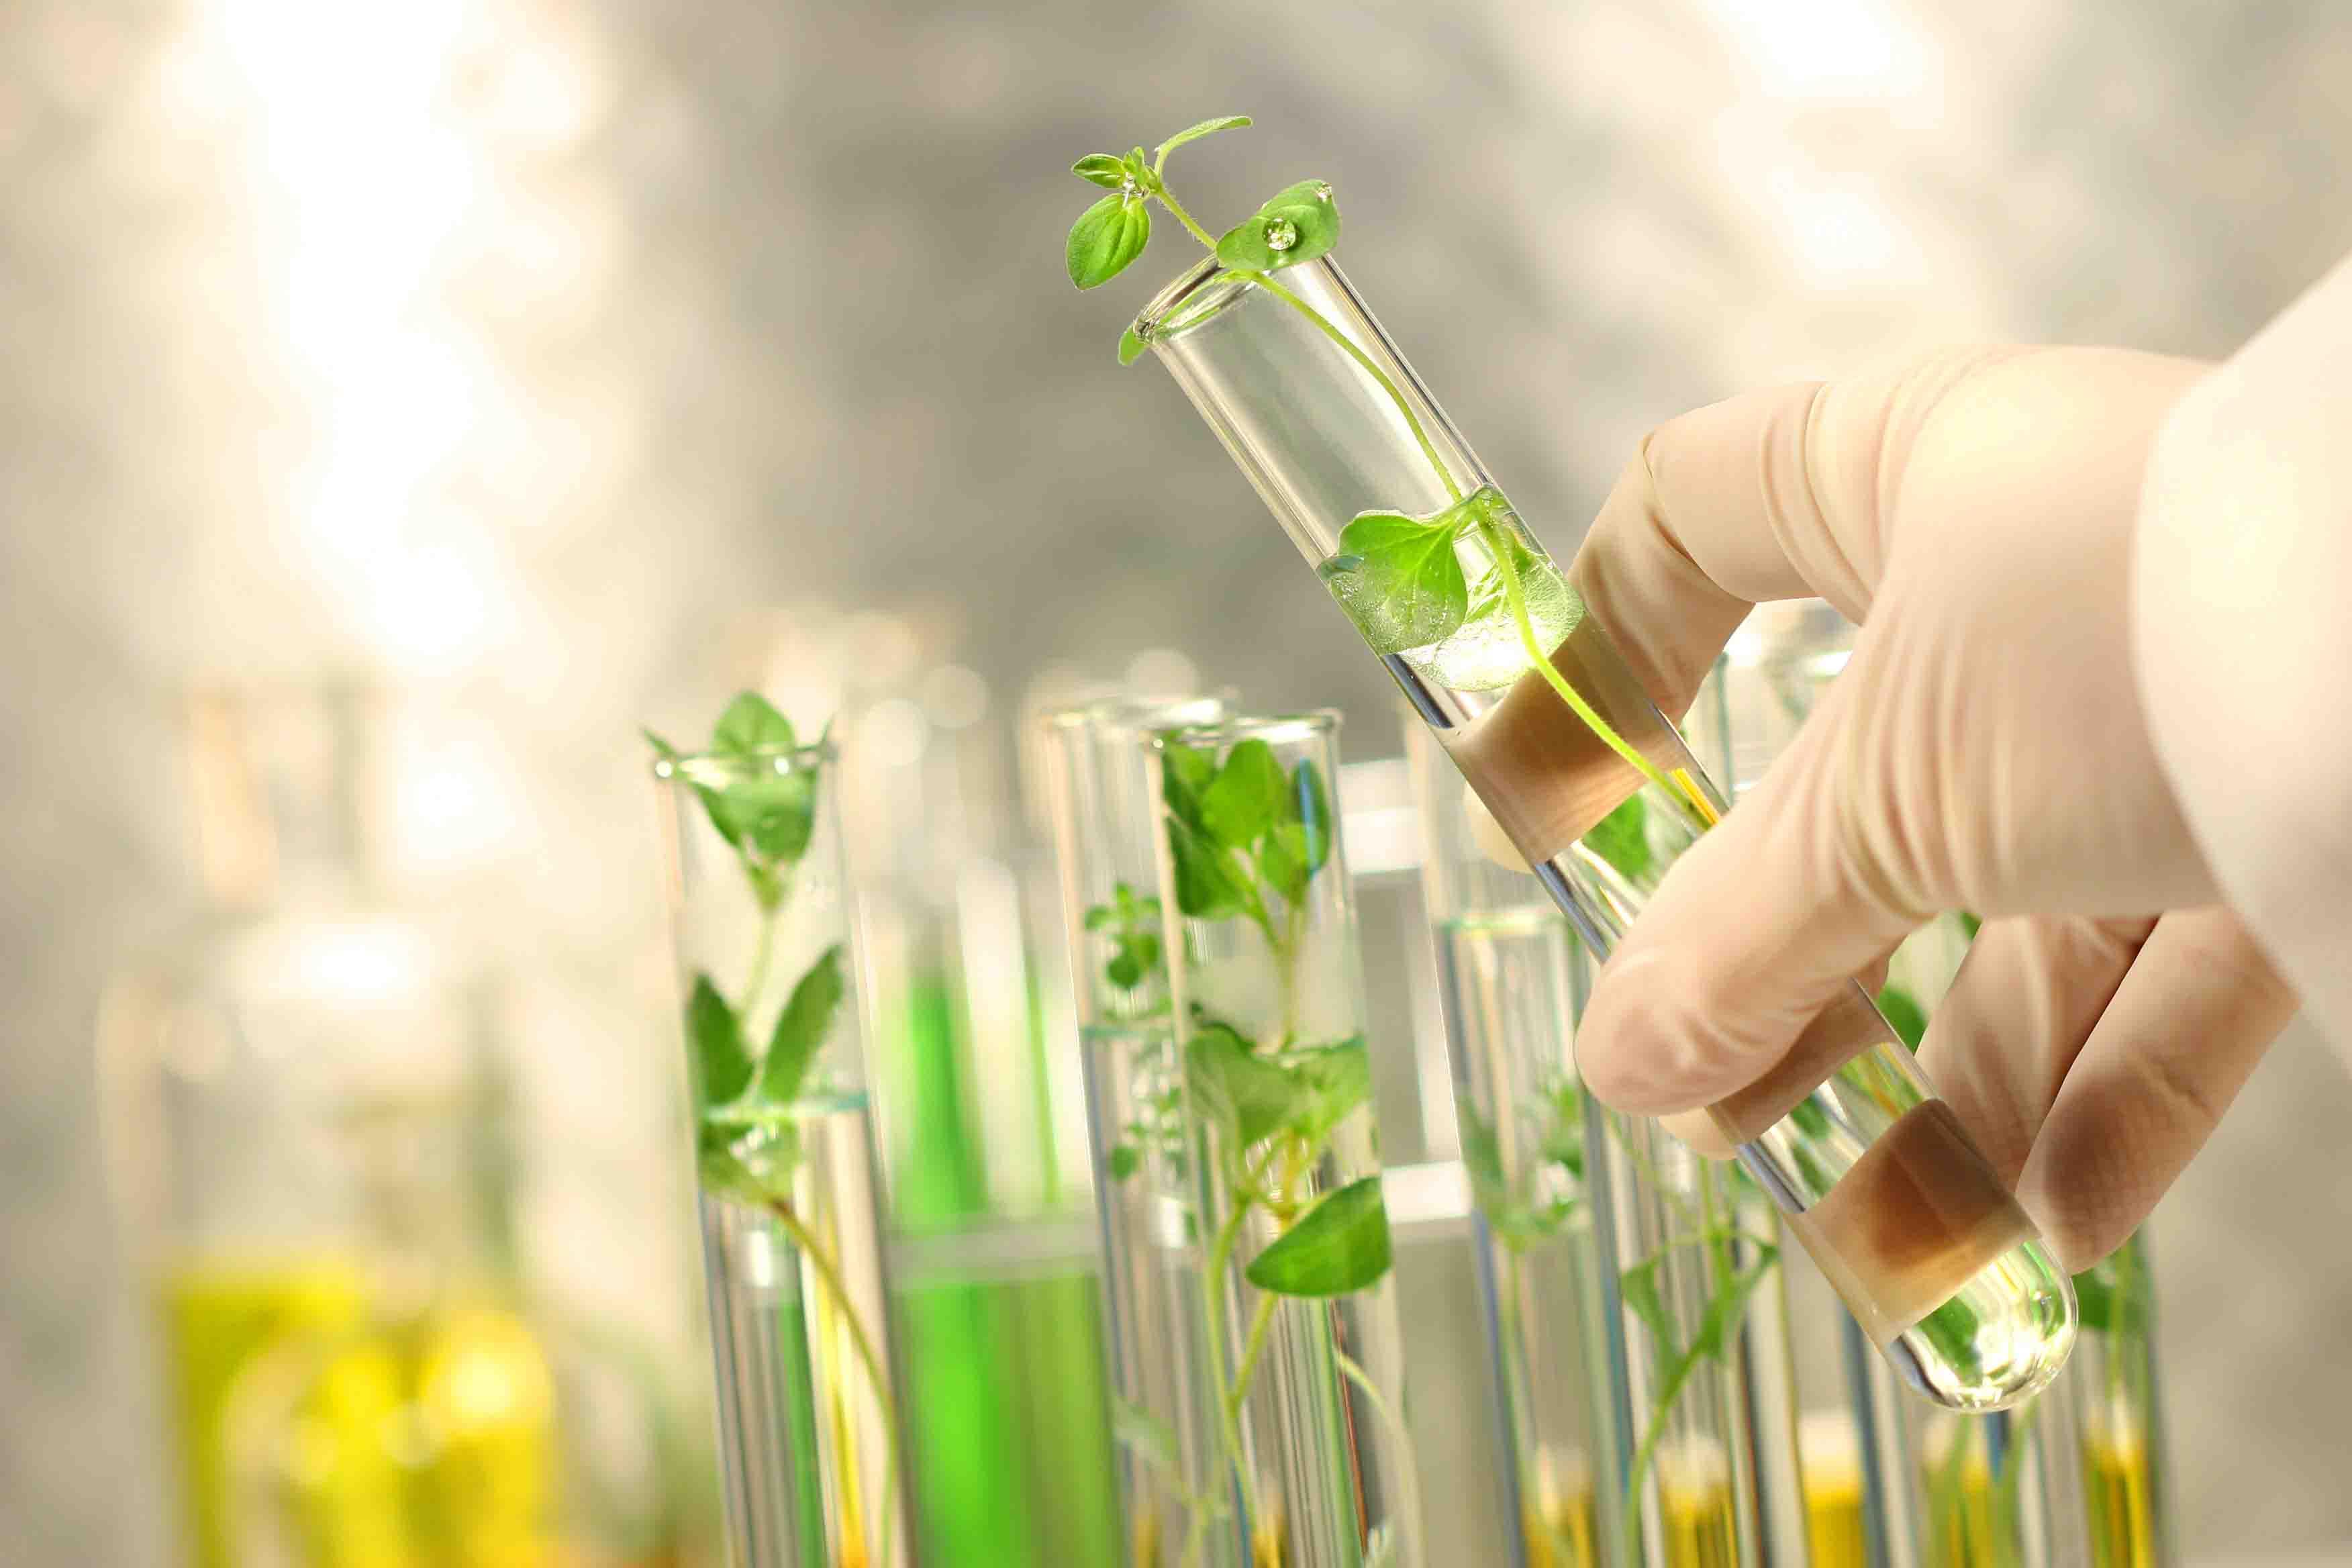 پاورپوینت روش های بیوتکنولوژی اصلاح گیاهان دارویی